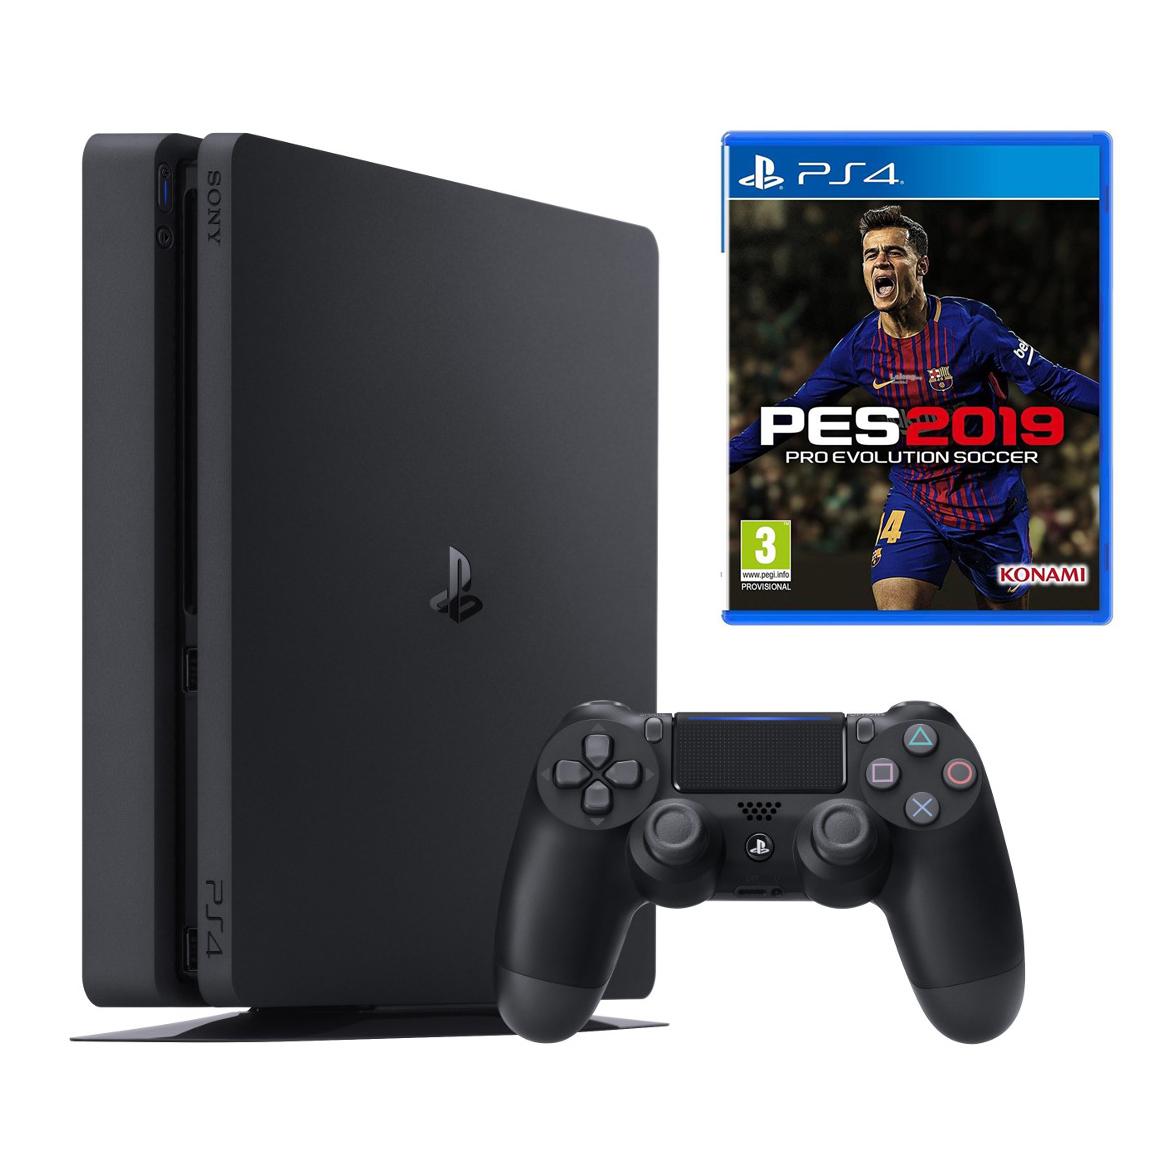 کنسول بازی سونی مدل Playstation 4 Slim کد Region 2 CUH-2216B - ظرفیت 1 ترابایت به همراه بازی